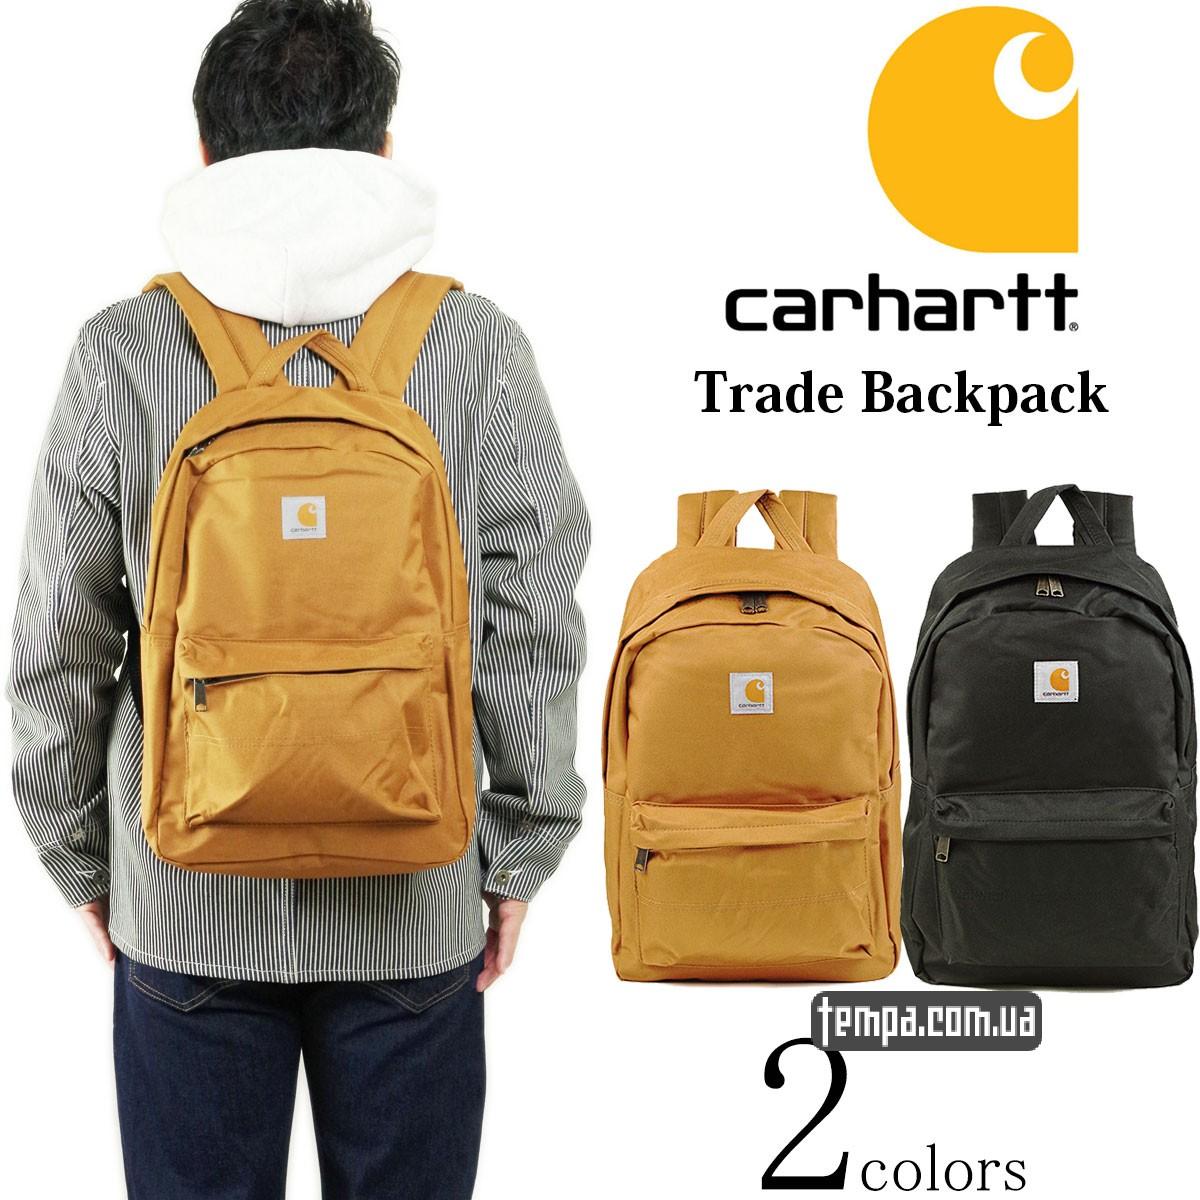 carhartt рюкзаки купить Украина под заказ